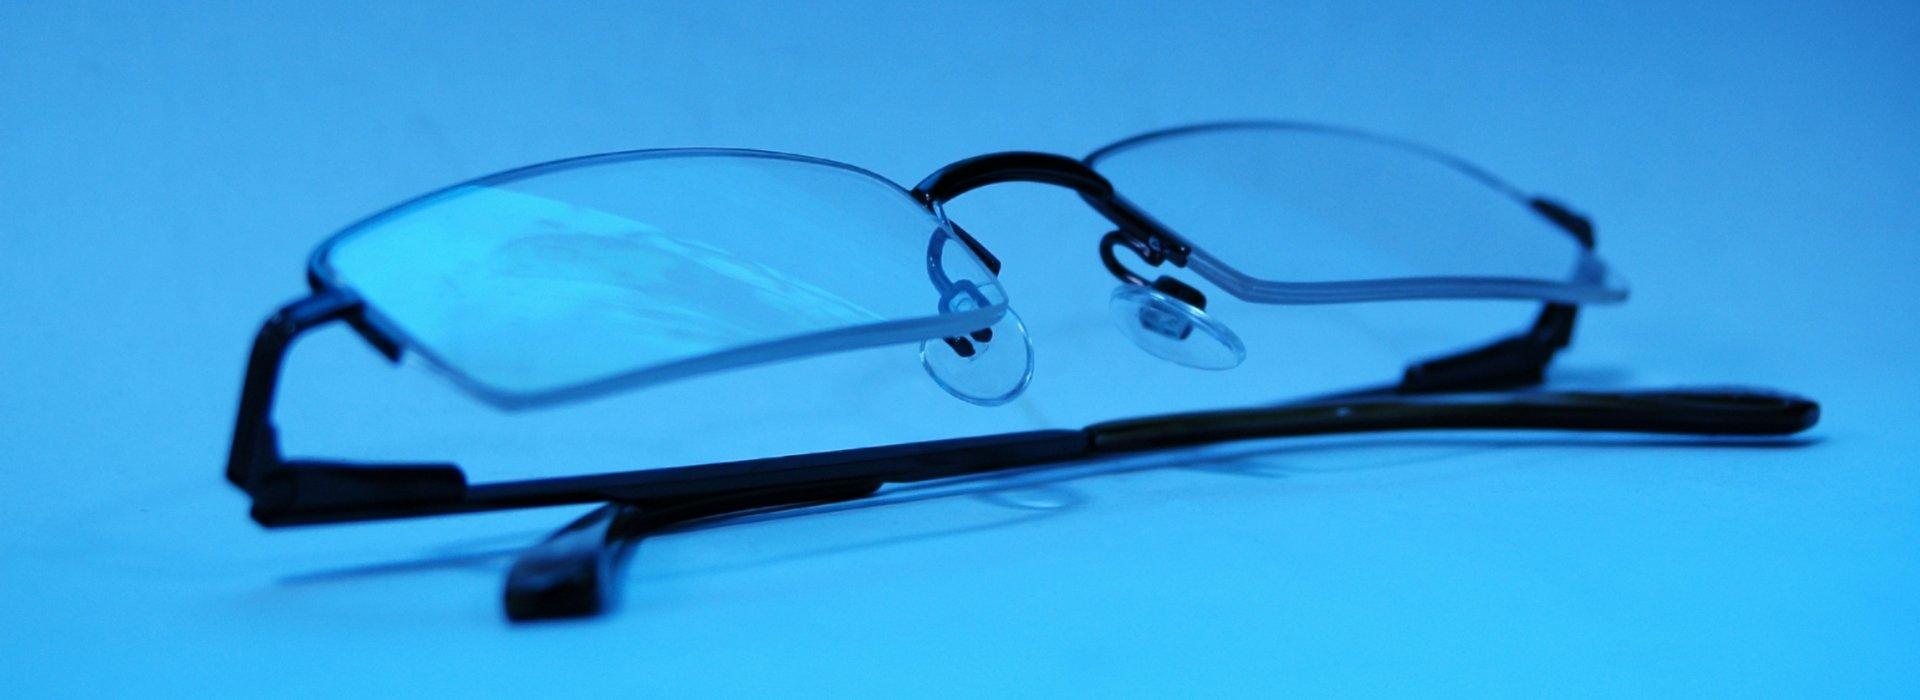 Lézeres látásjavítás – Lézeres látásjavító műtétek